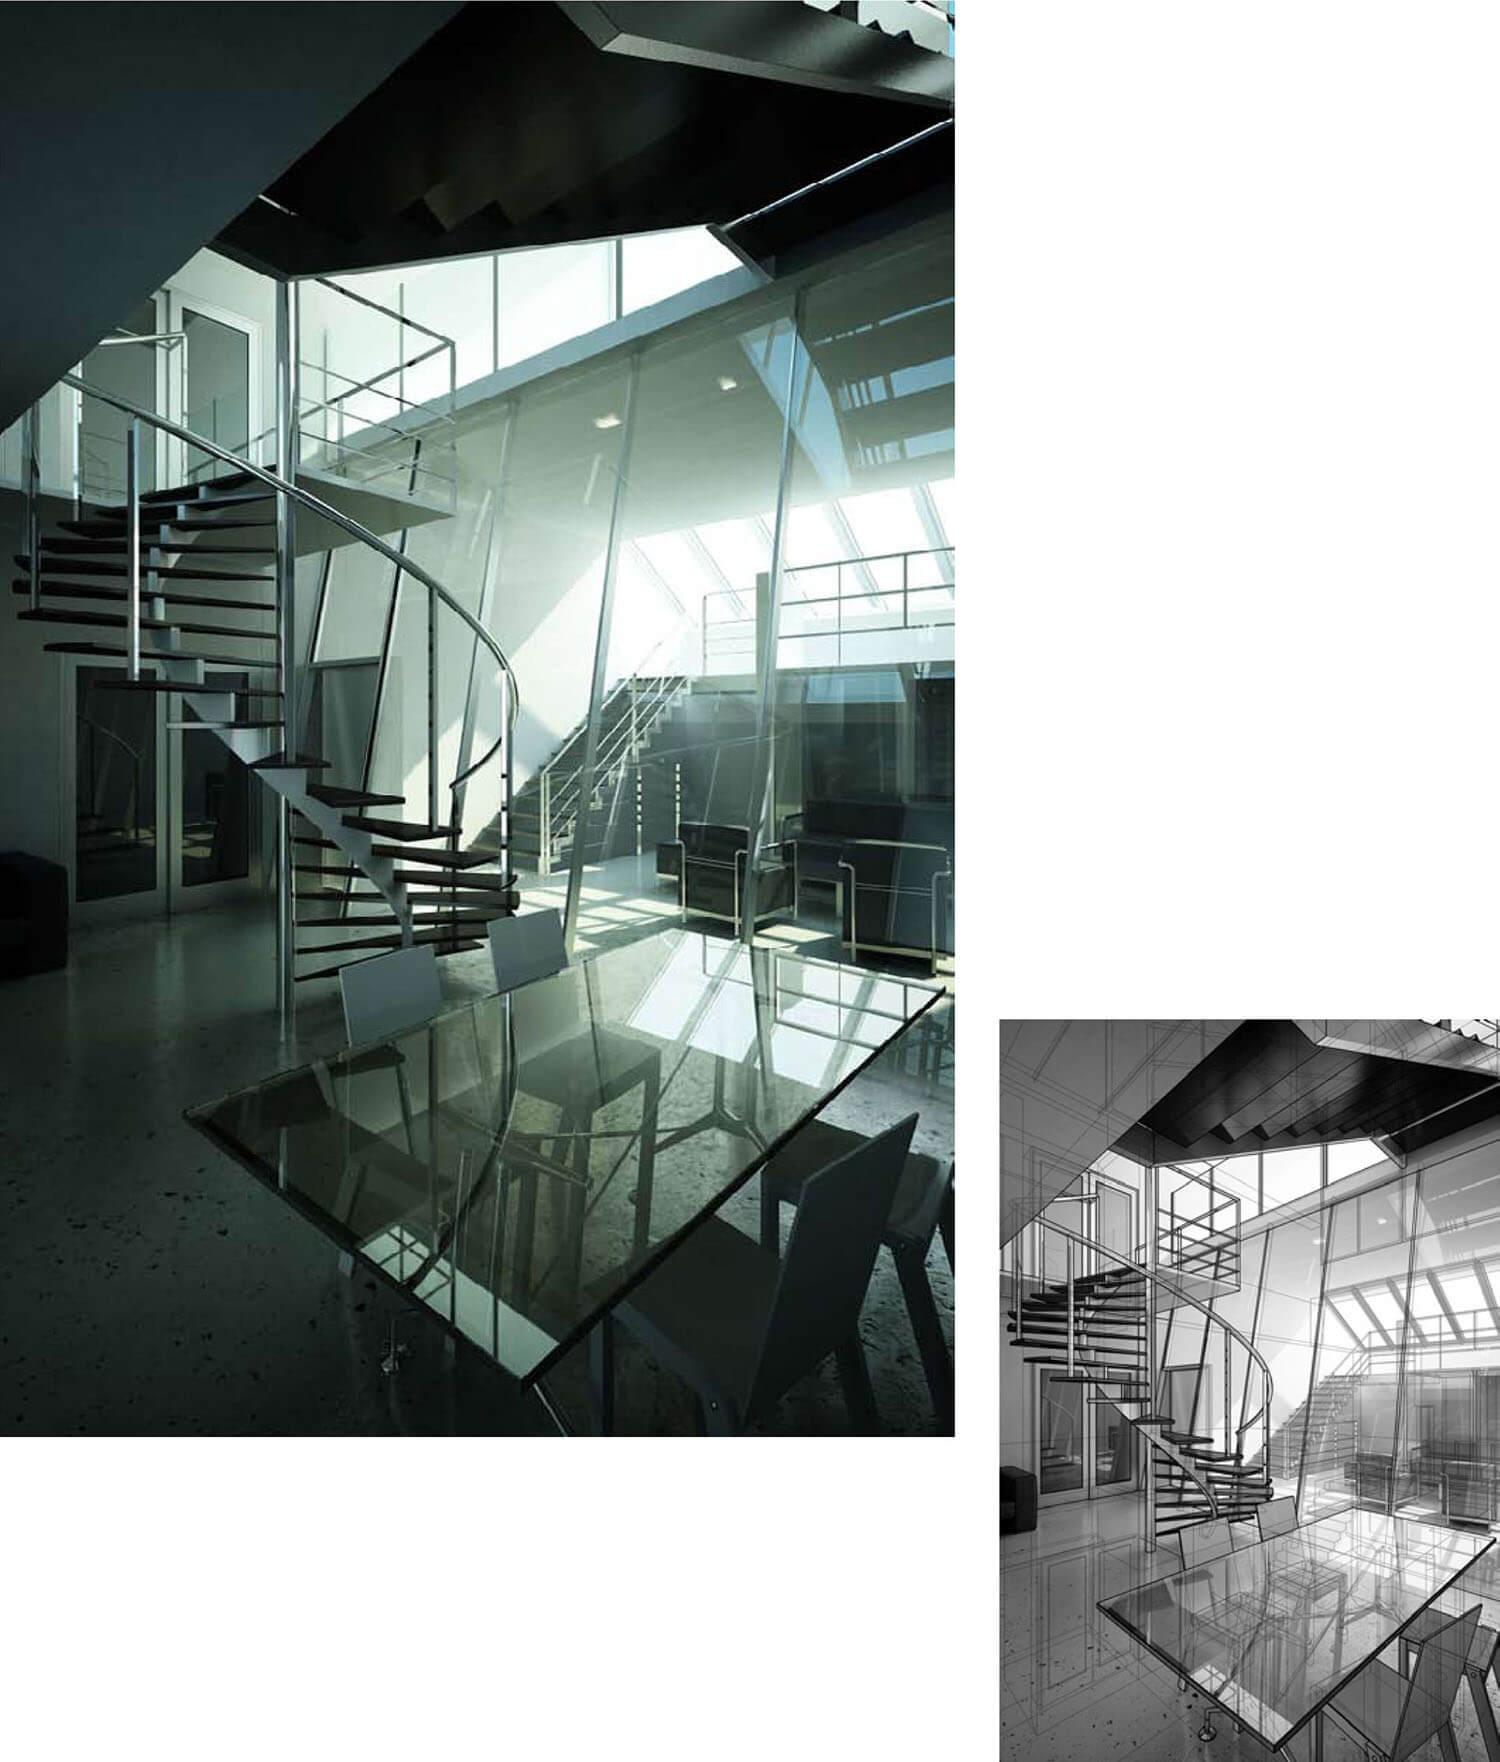 Thiết kế phòng khách đẹp với cửa kính và lan can sắt